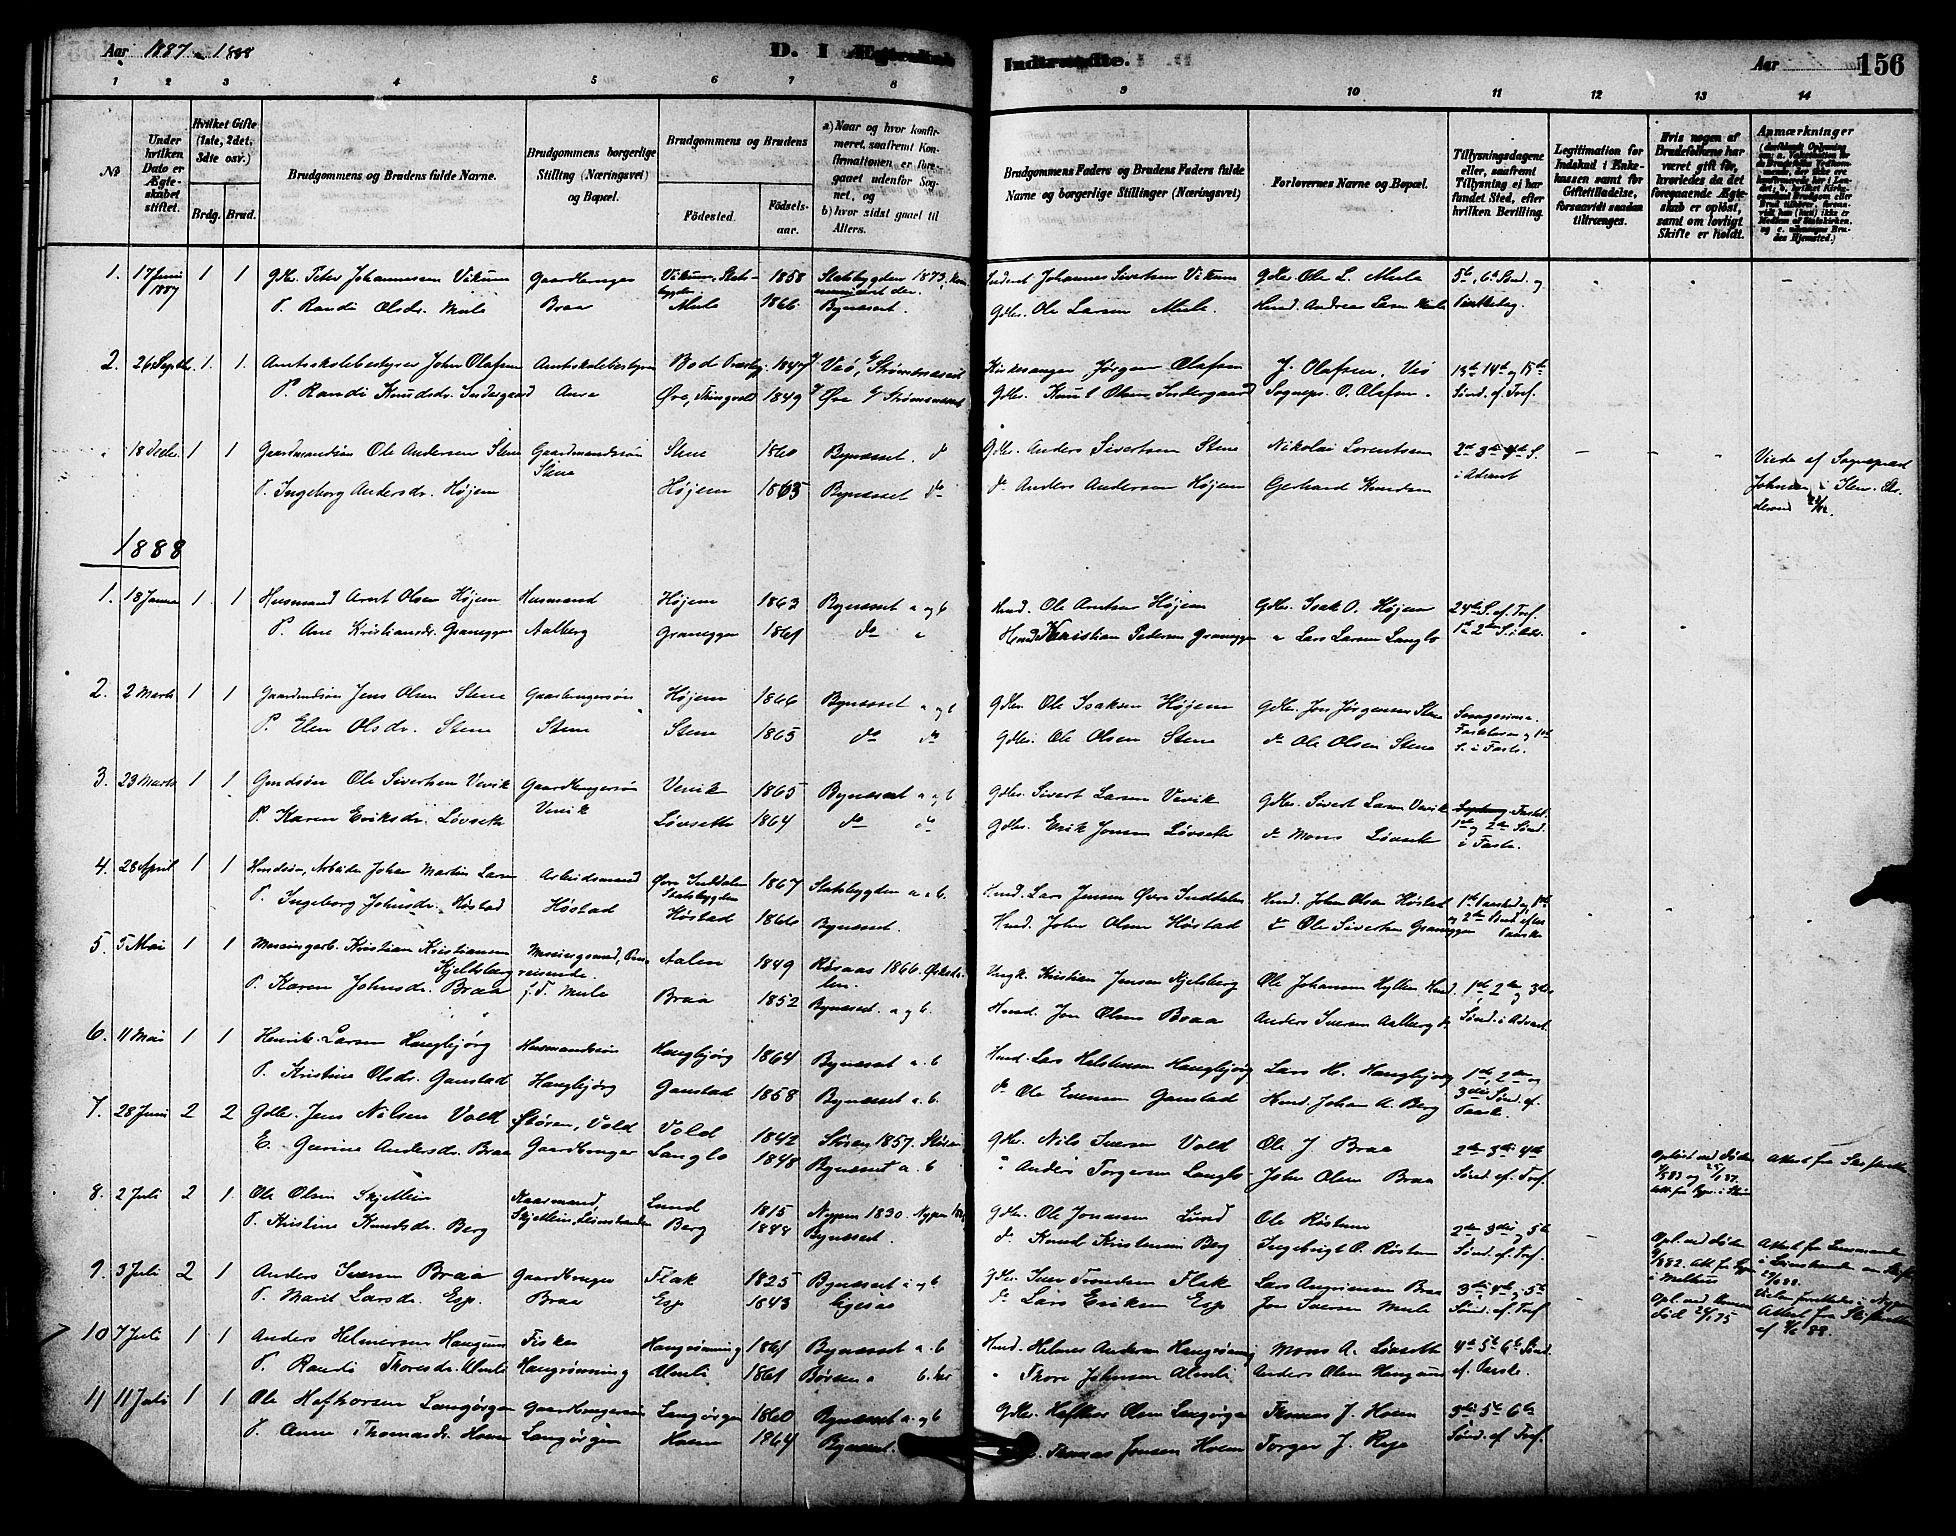 SAT, Ministerialprotokoller, klokkerbøker og fødselsregistre - Sør-Trøndelag, 612/L0378: Ministerialbok nr. 612A10, 1878-1897, s. 156